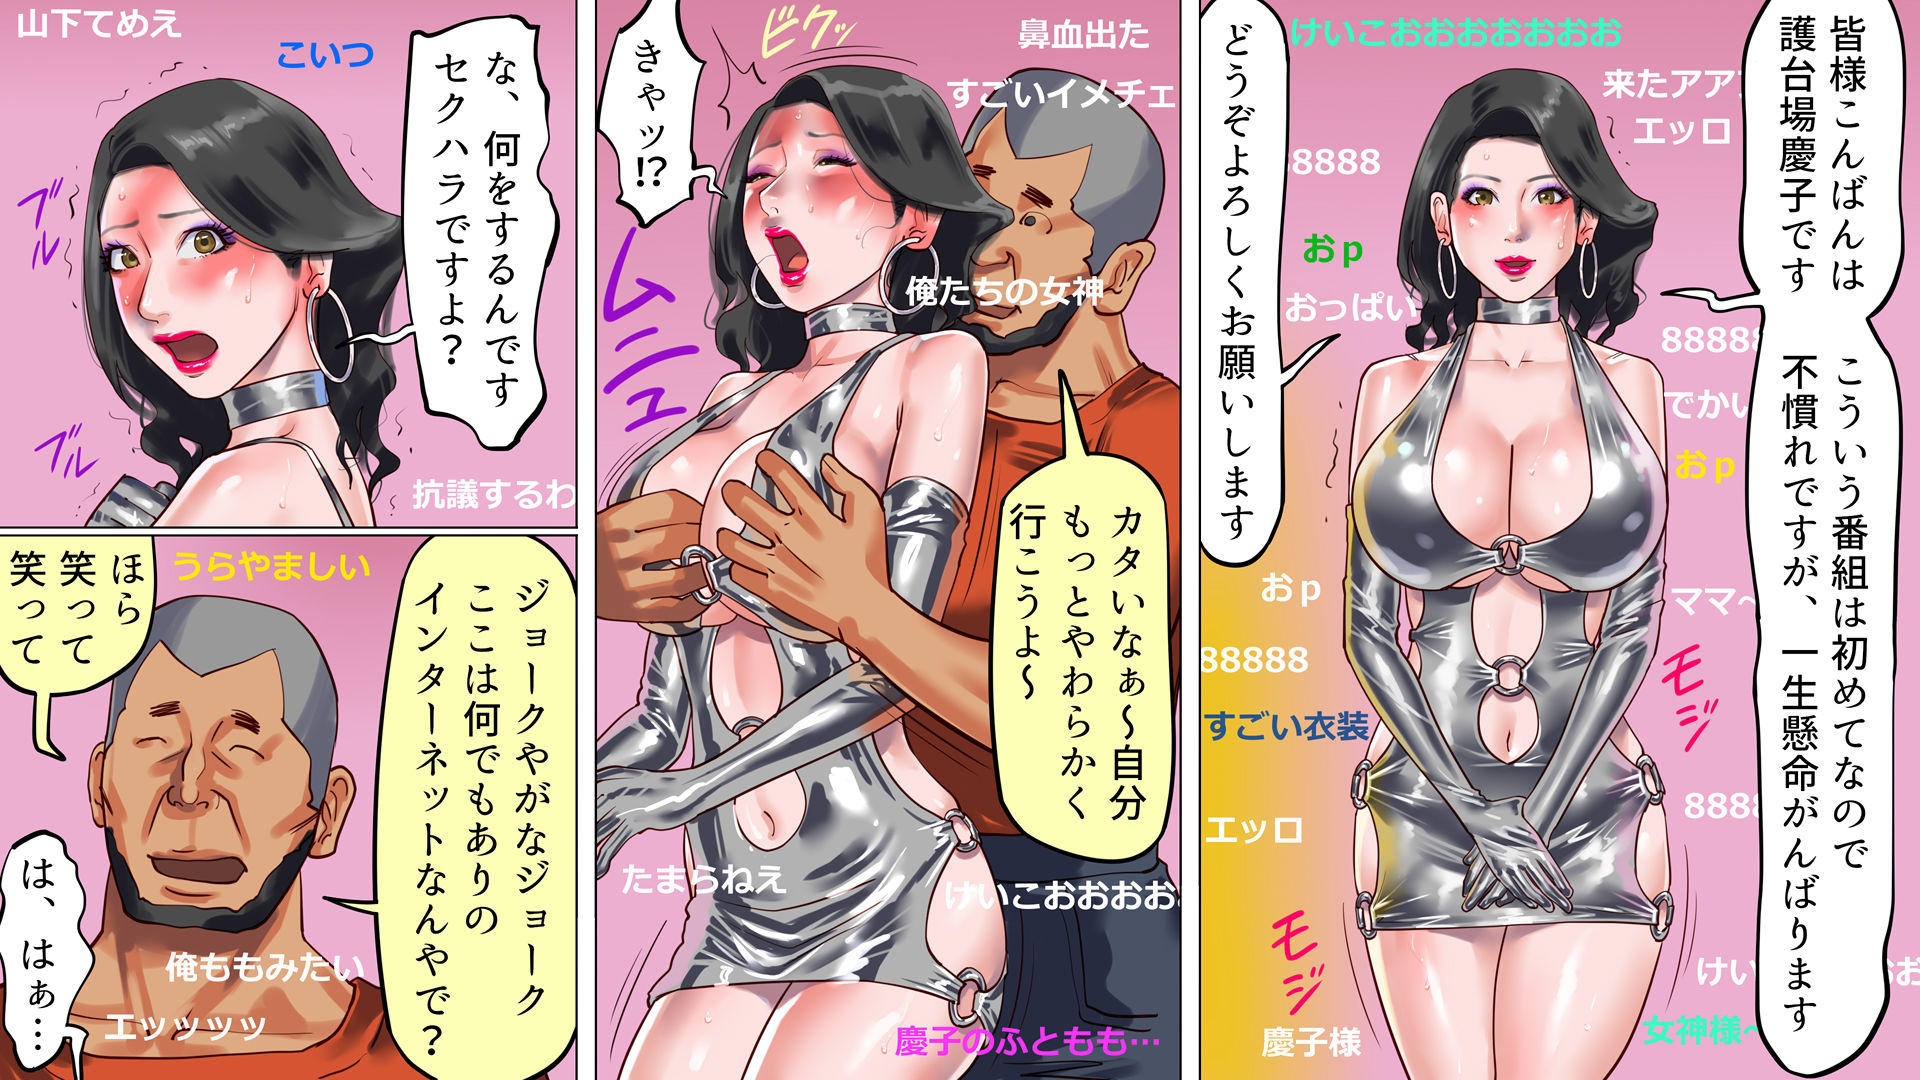 堕とされた美人キャスター・慶子 第一部 恥辱の奴●勤務編3